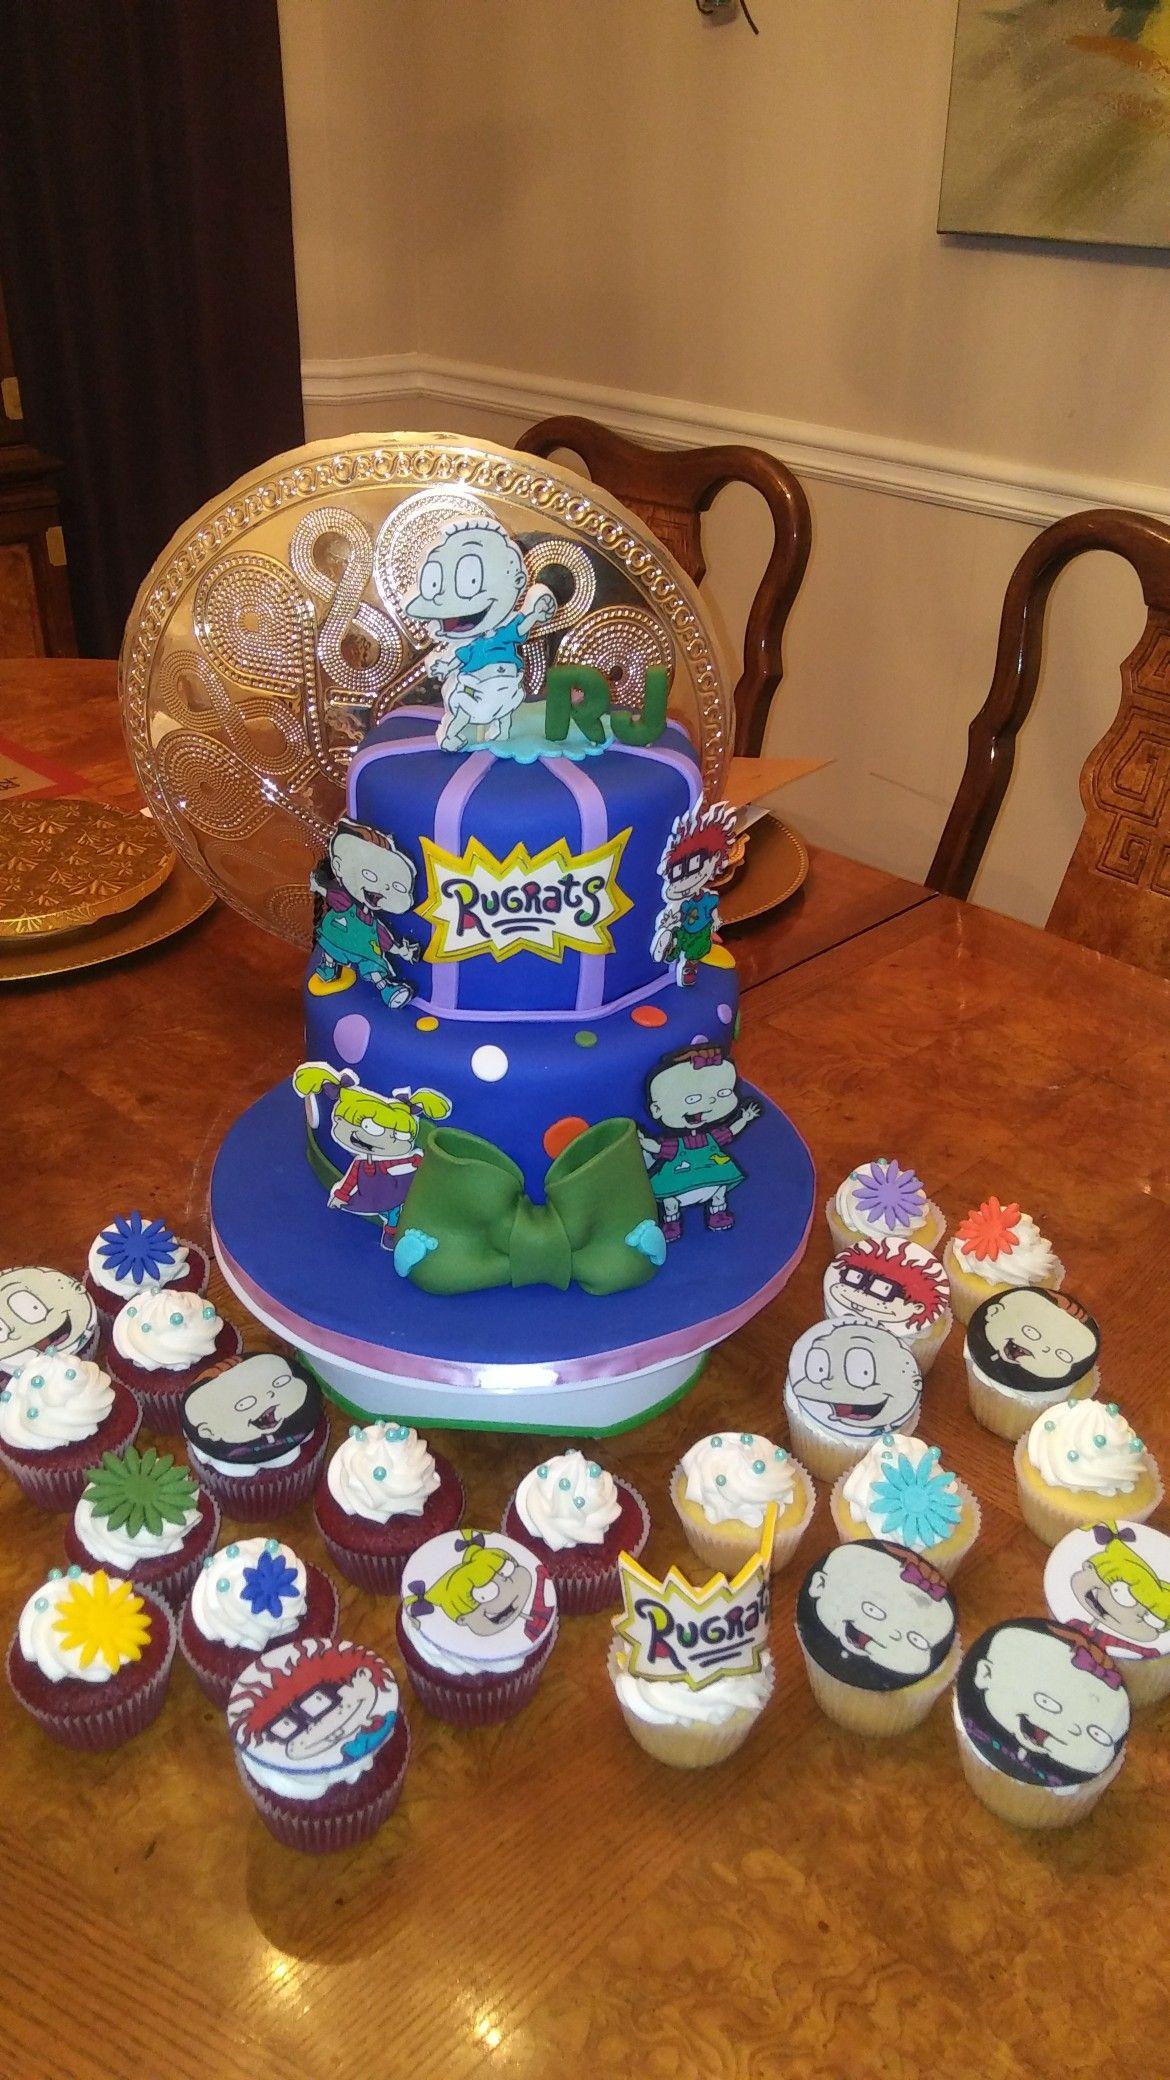 Rugrats Cake Custom Cakes Pinterest Birthday 1st Birthdays